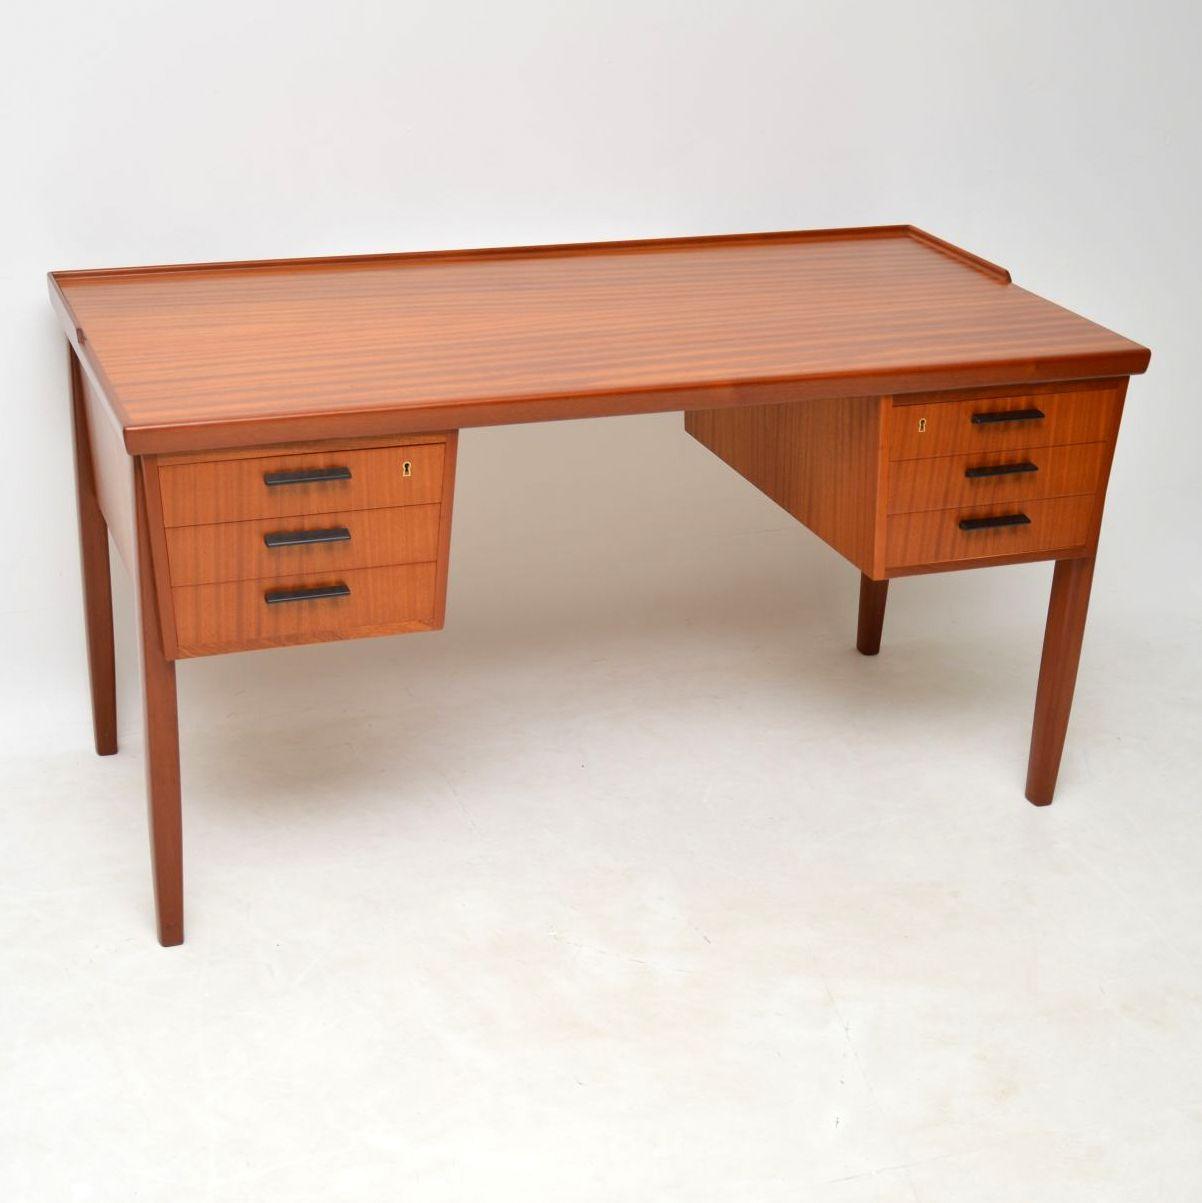 danish teak retro vintage desk